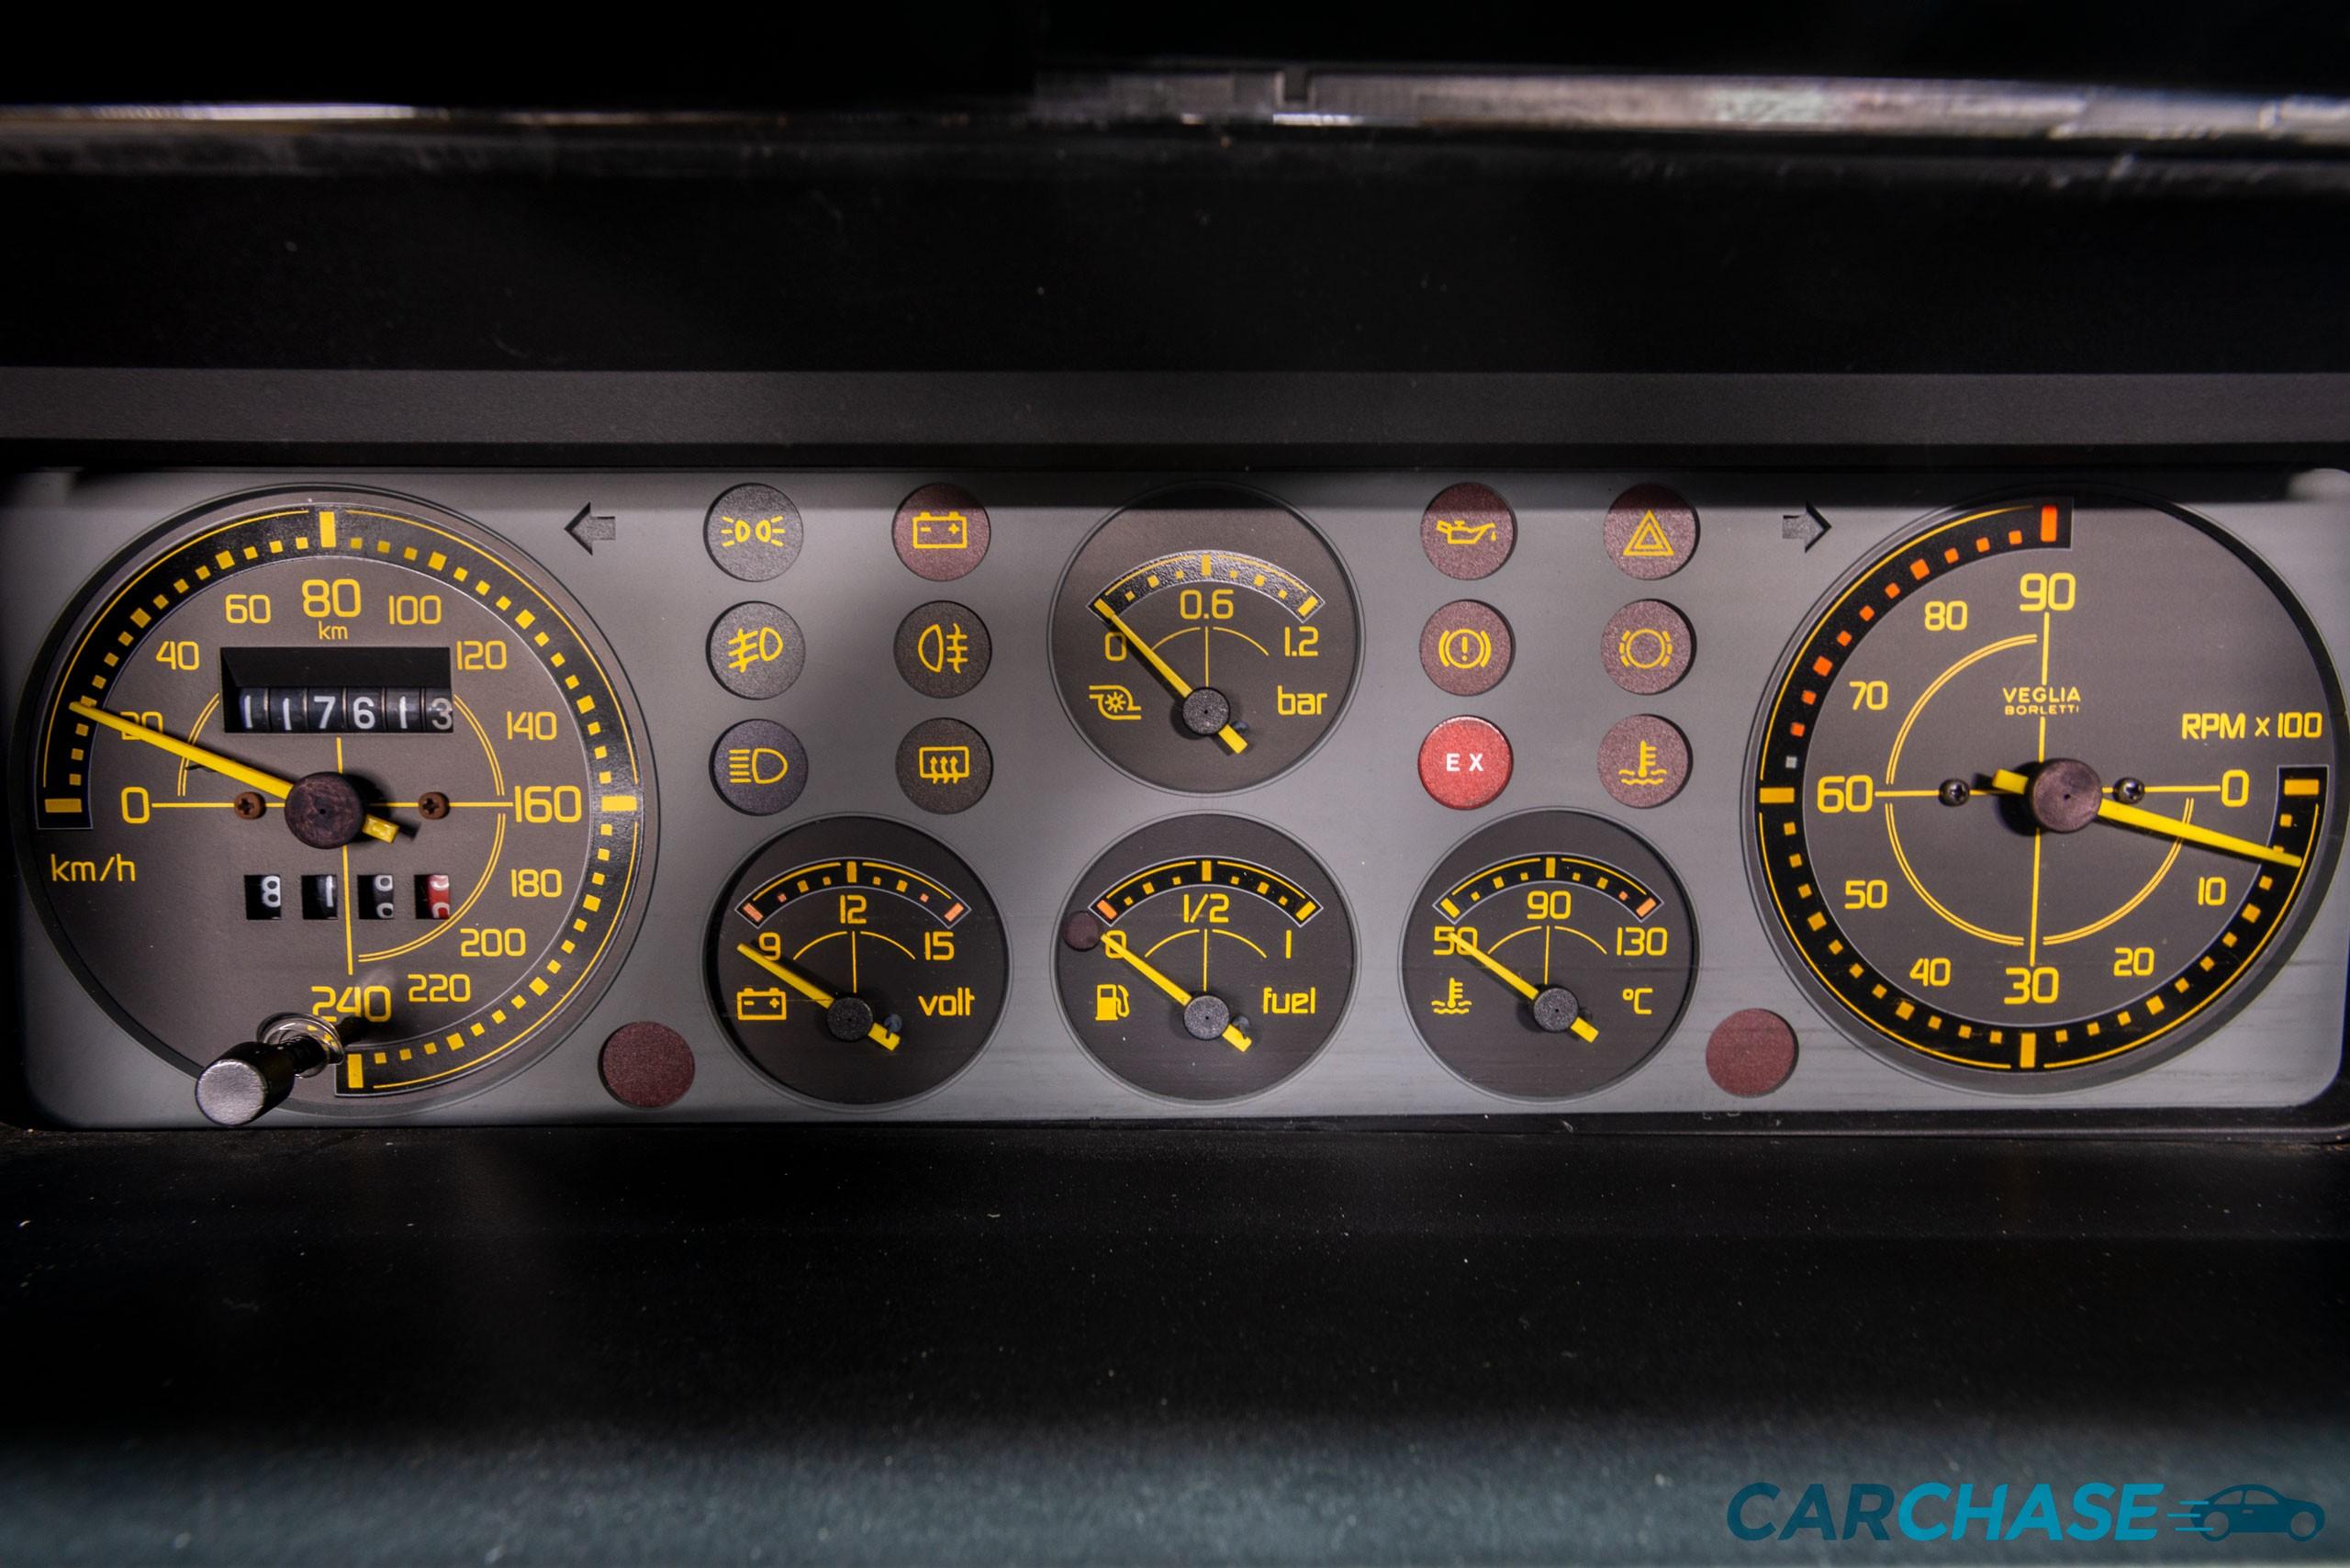 Image of dials profile of 1993 Lancia Delta Integrale Evo 2 Giallo Ginestra